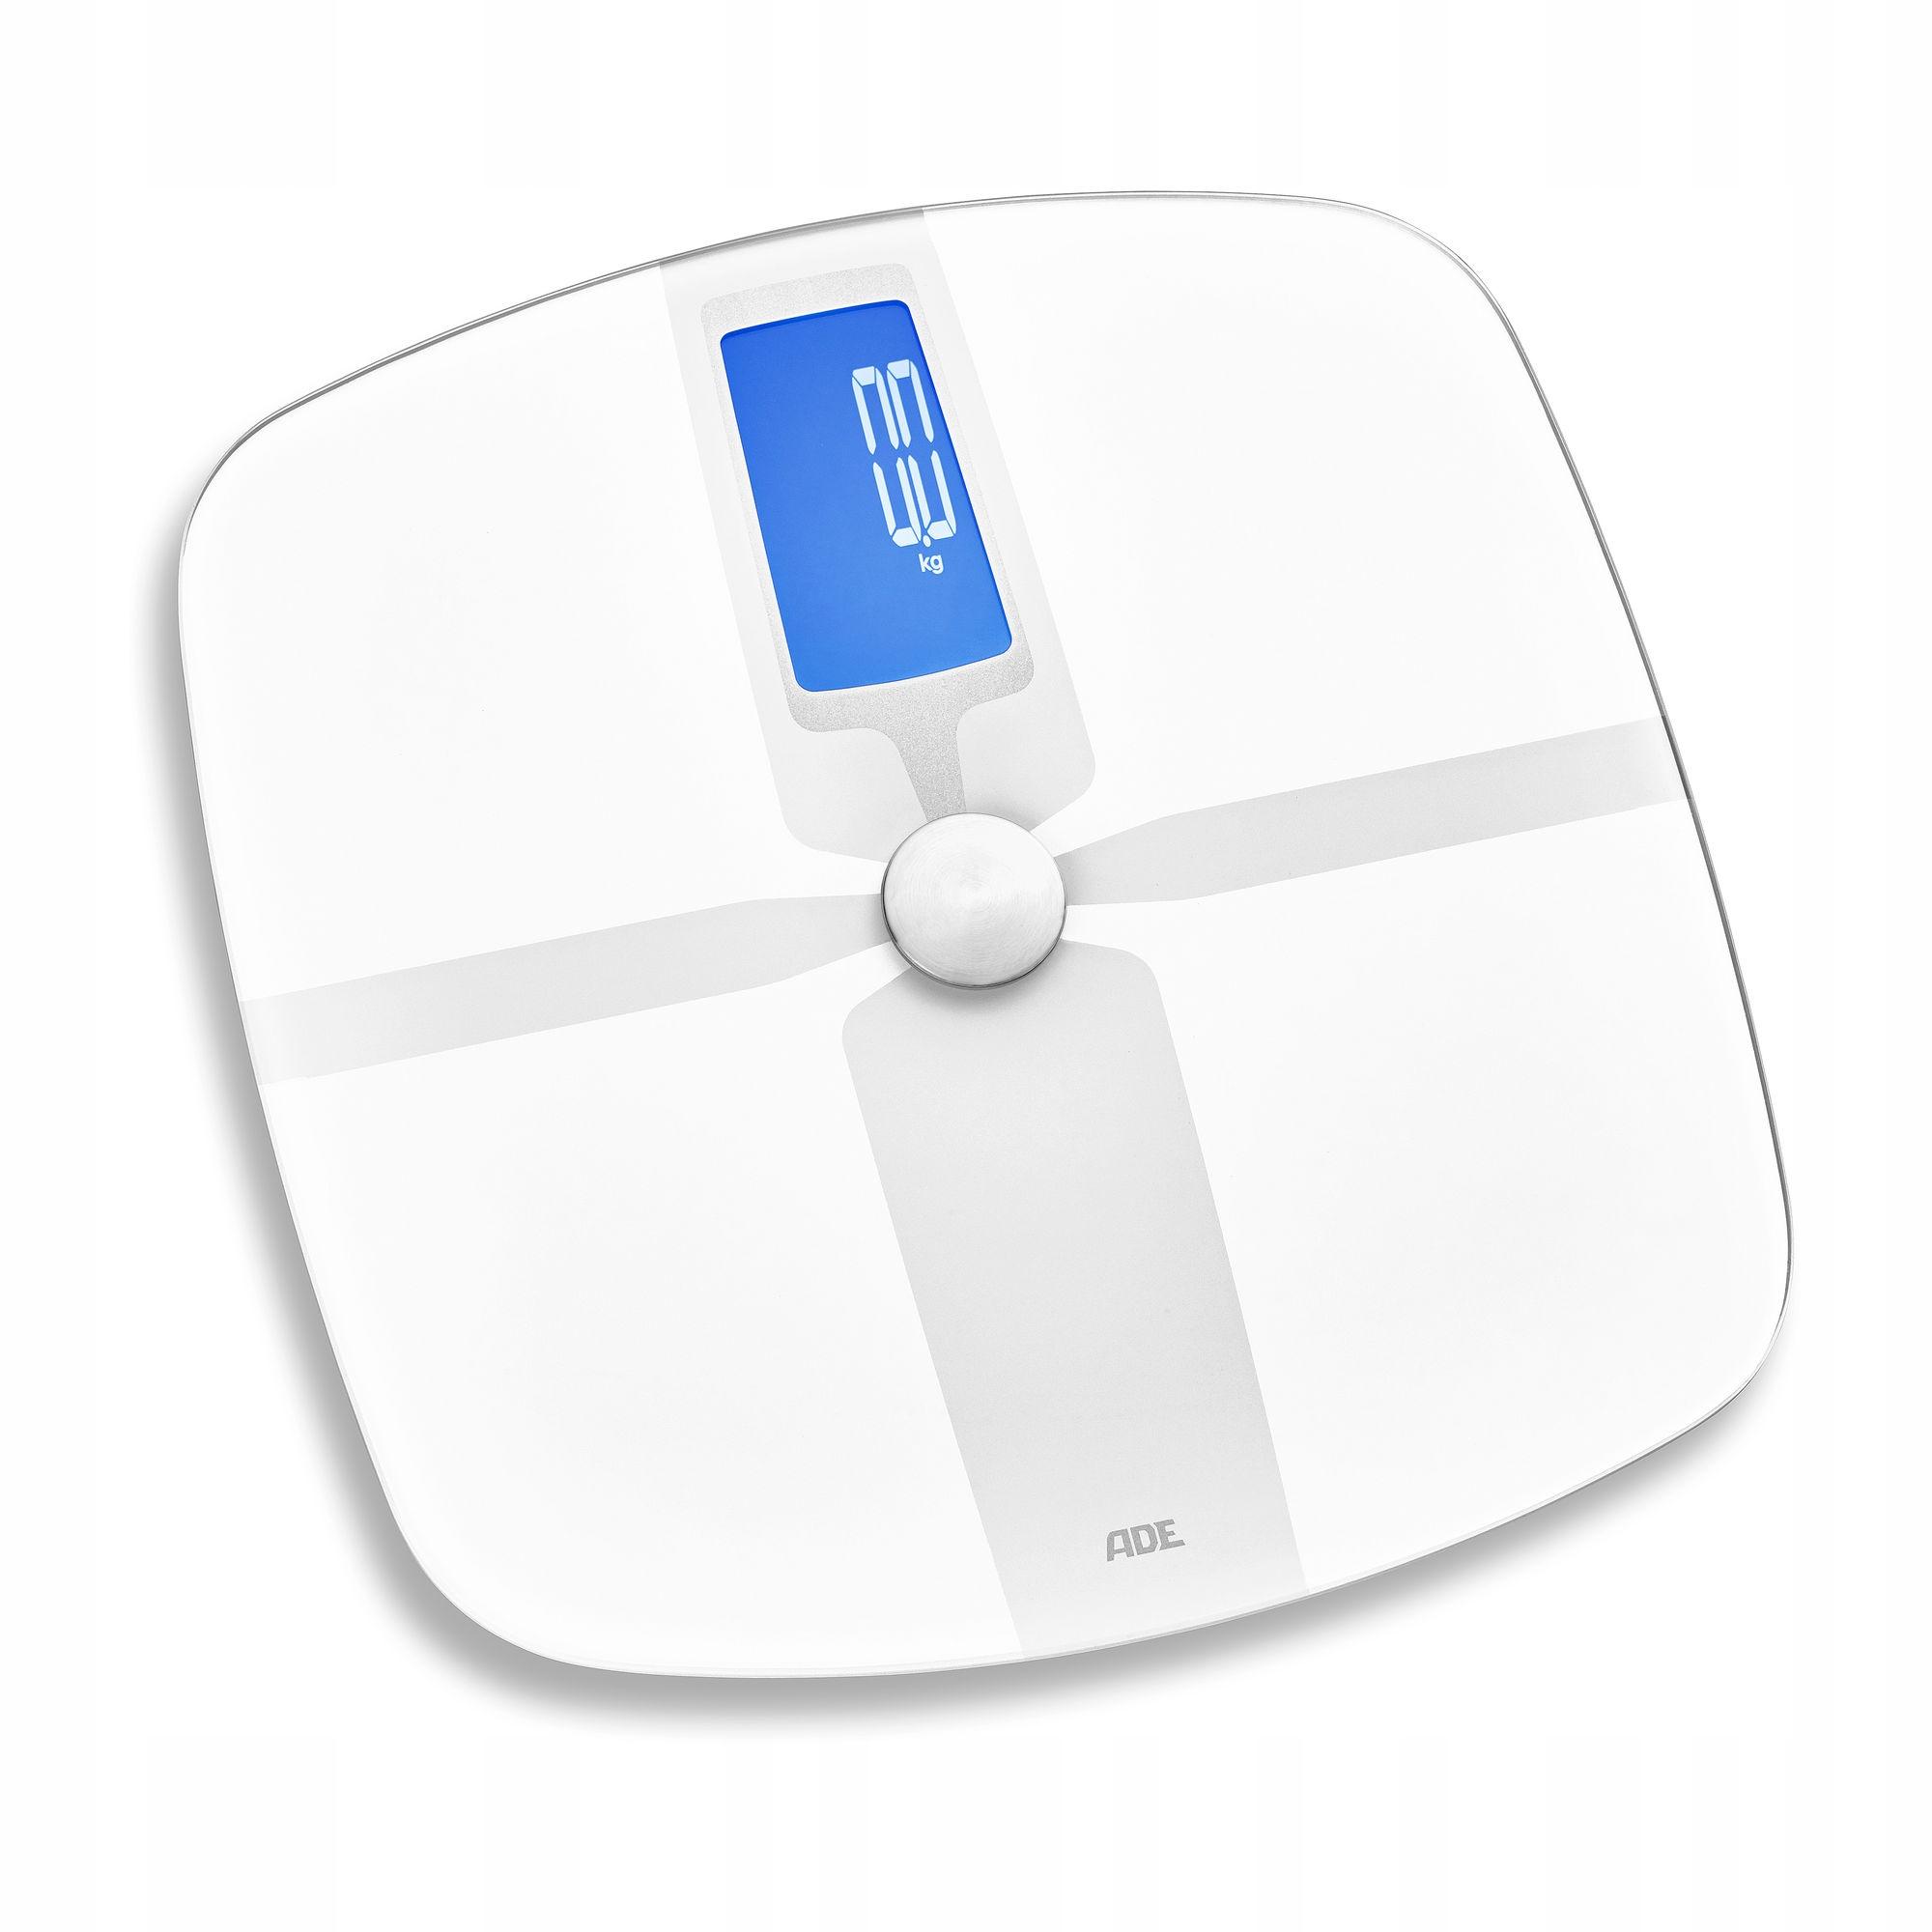 Hmotnosť s analýzou telesnej hmotnosti a Bluetooth 32x33cm ADE